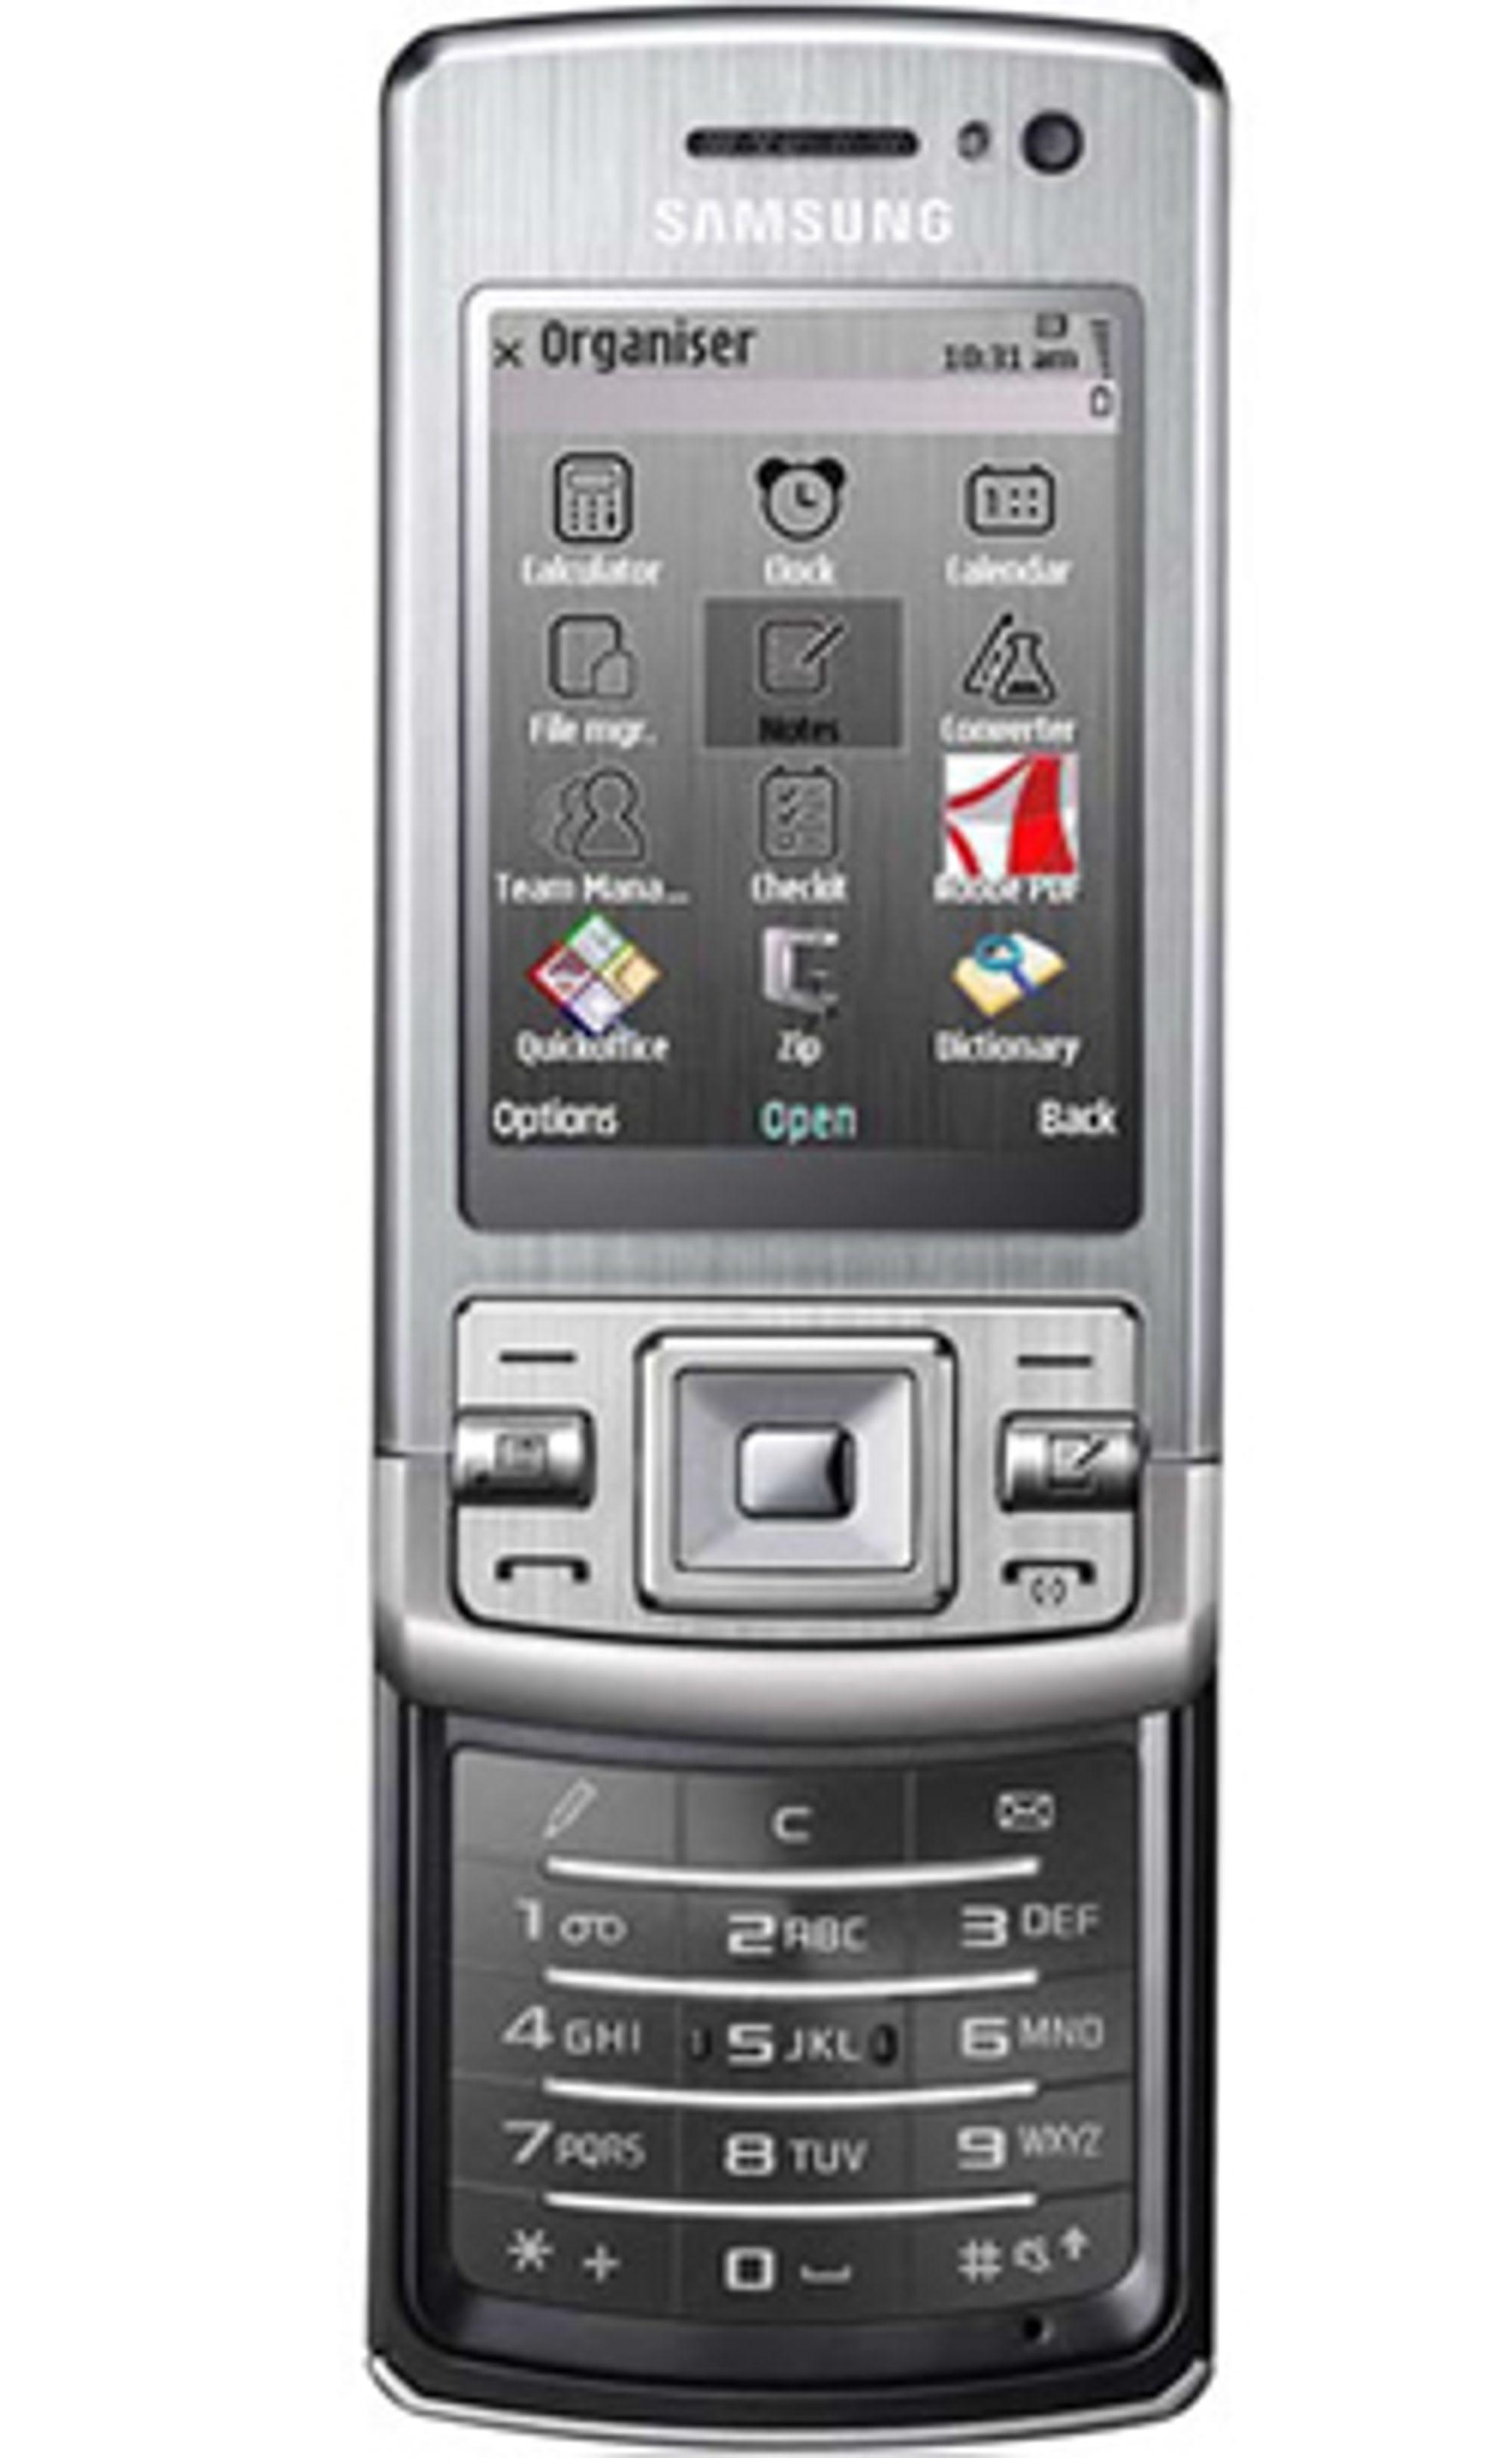 Samsung L870 er en smarttelefon med Symbian.